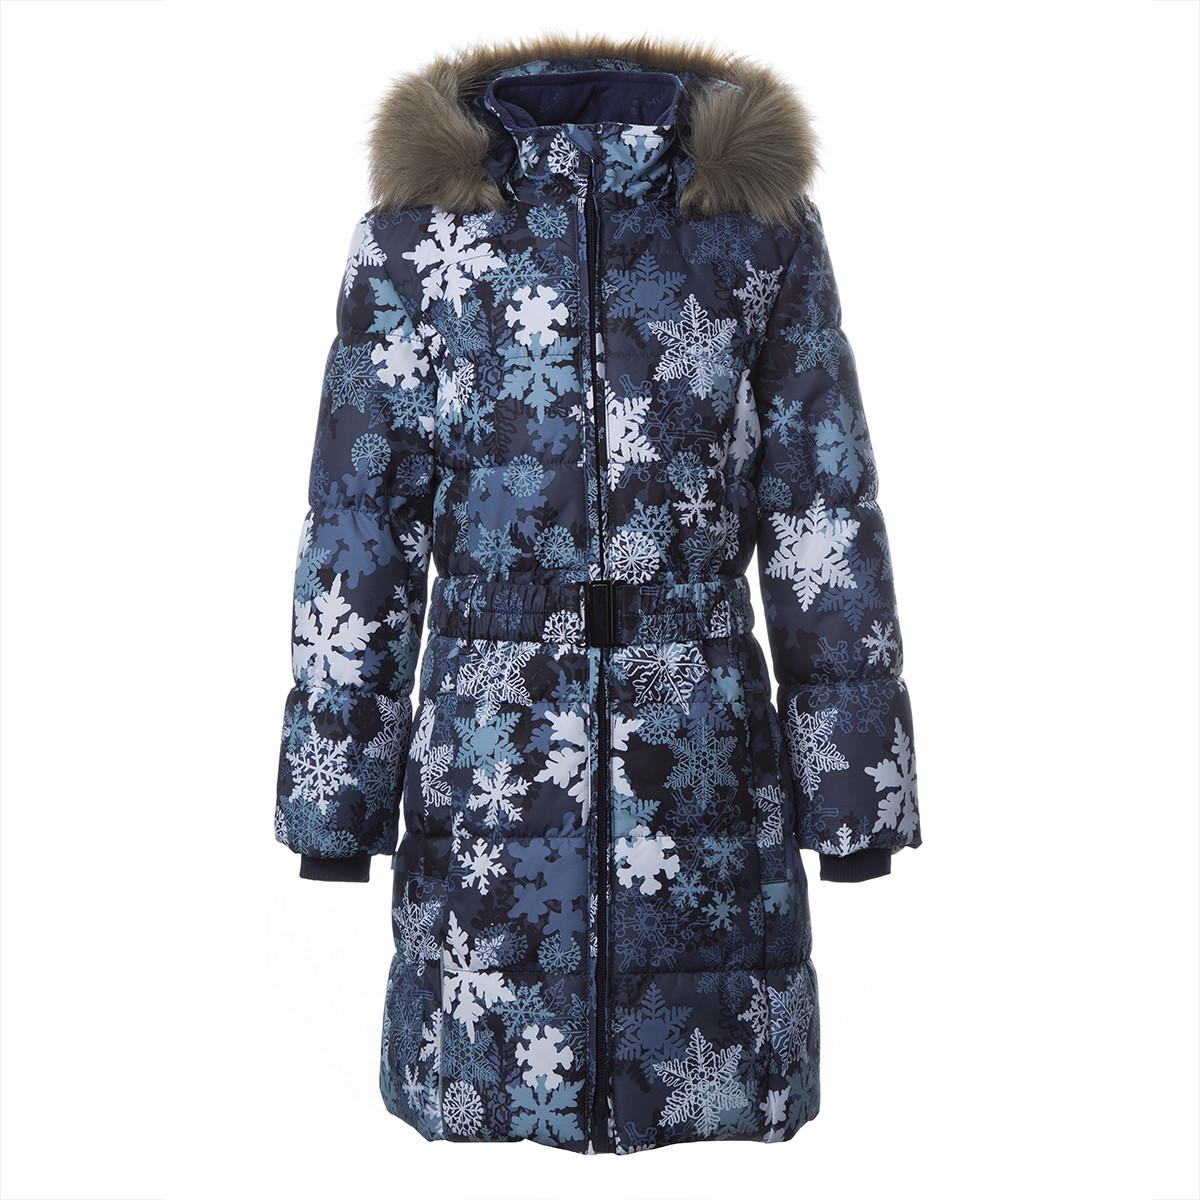 Пальто для девочек Huppa YACARANDA, тёмно-синий с принтом